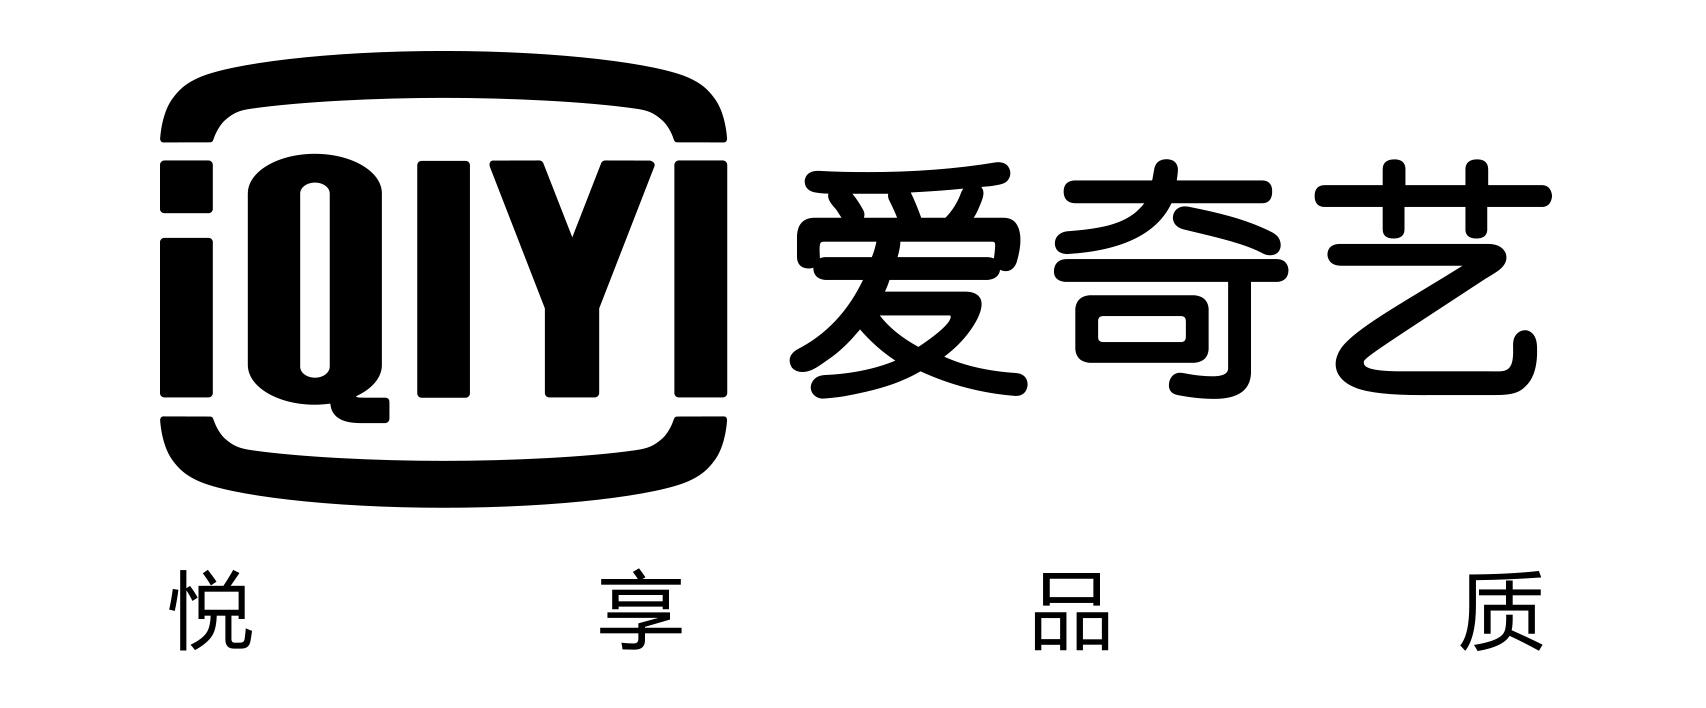 logo logo 标志 设计 矢量 矢量图 素材 图标 1706_708